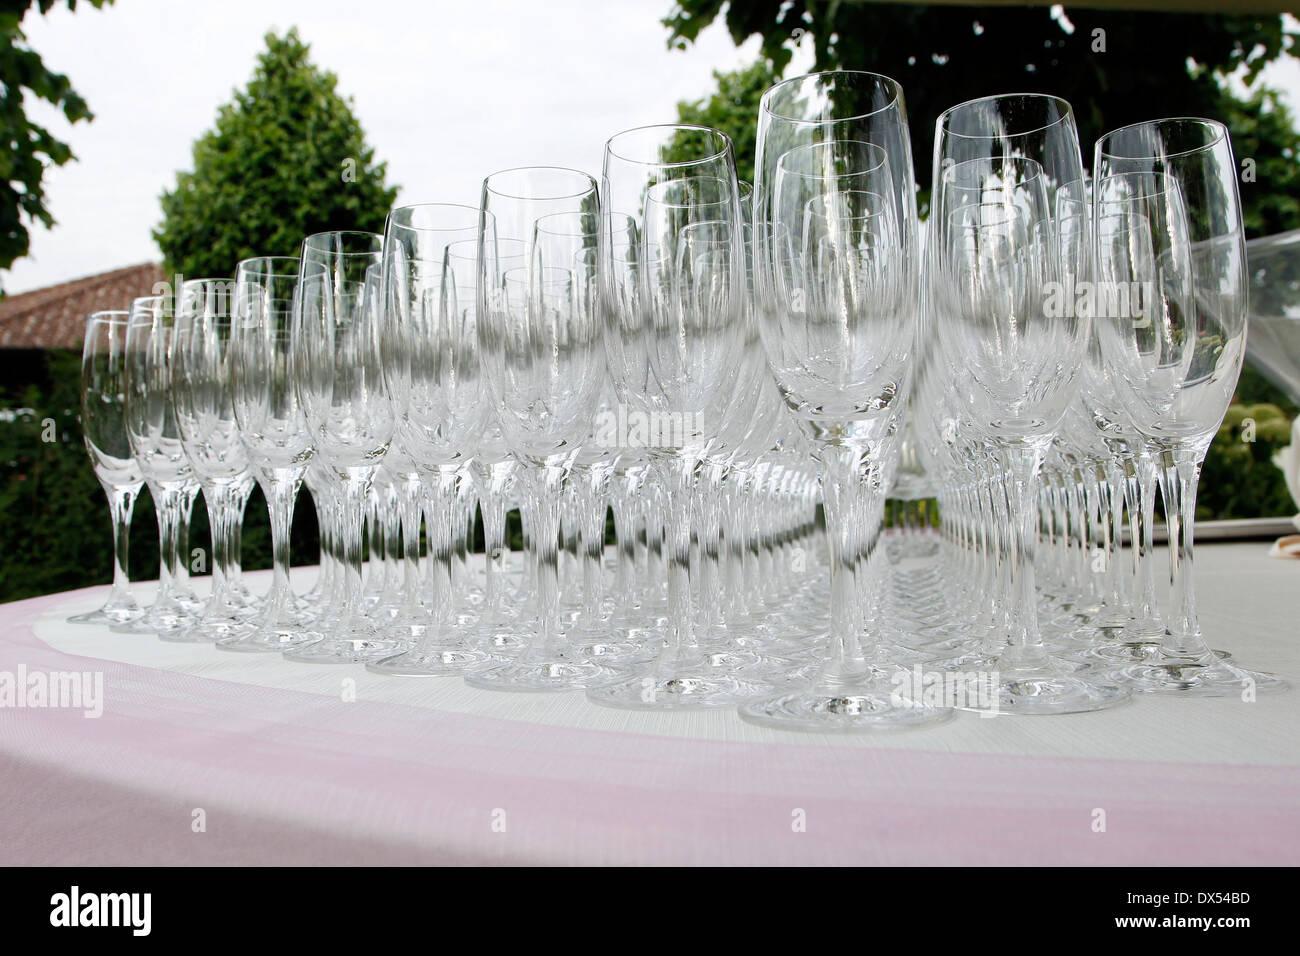 Weingläser, aufgereiht auf einem Tisch Stockbild